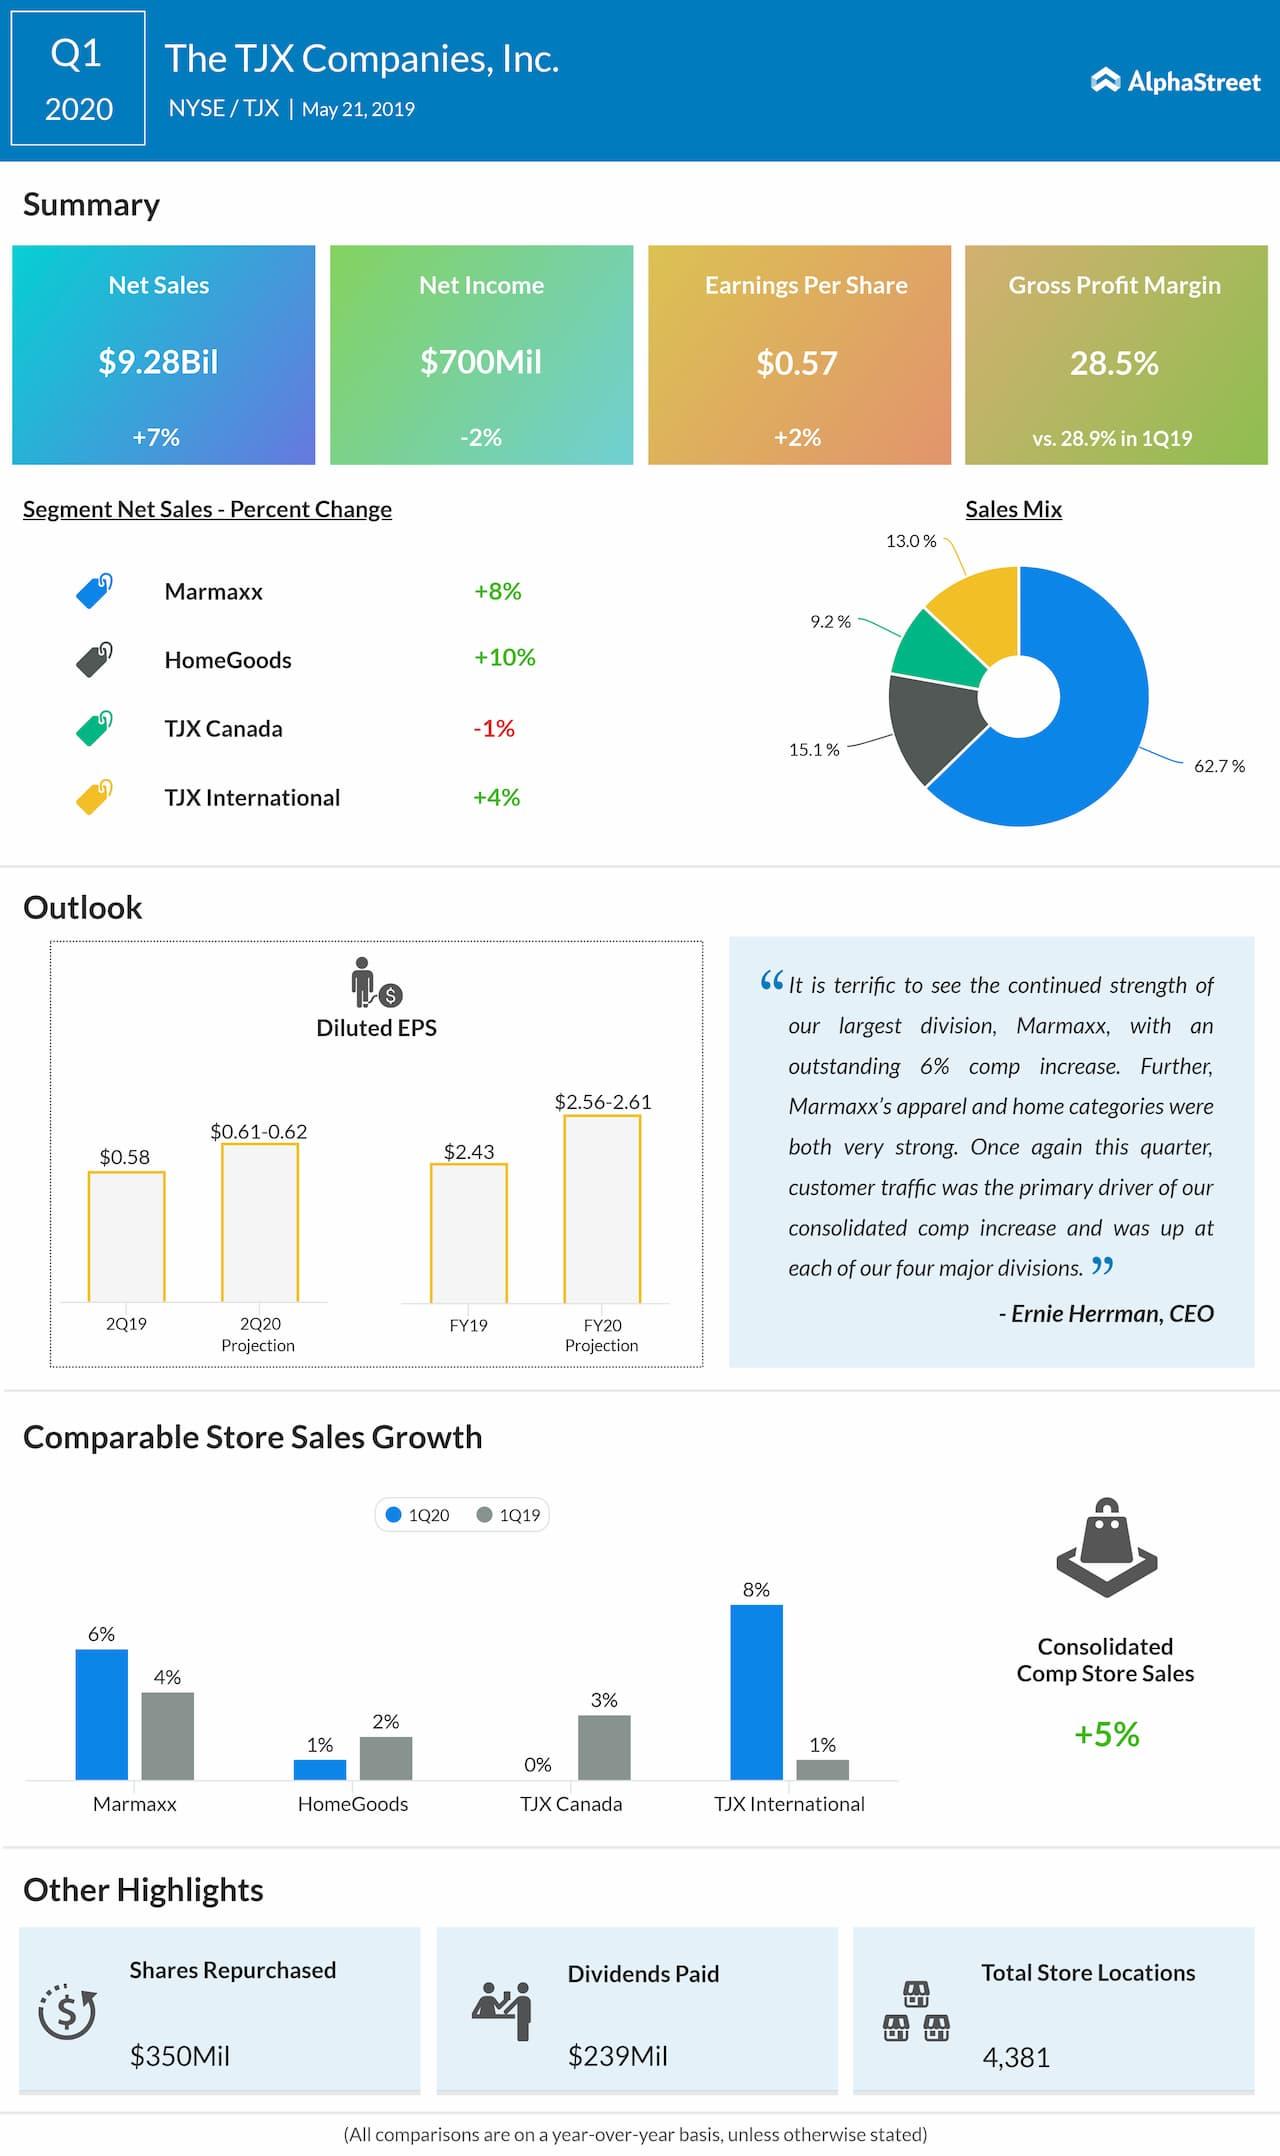 TJX Companies (TJX) Q1 2020 earnings report | AlphaStreet